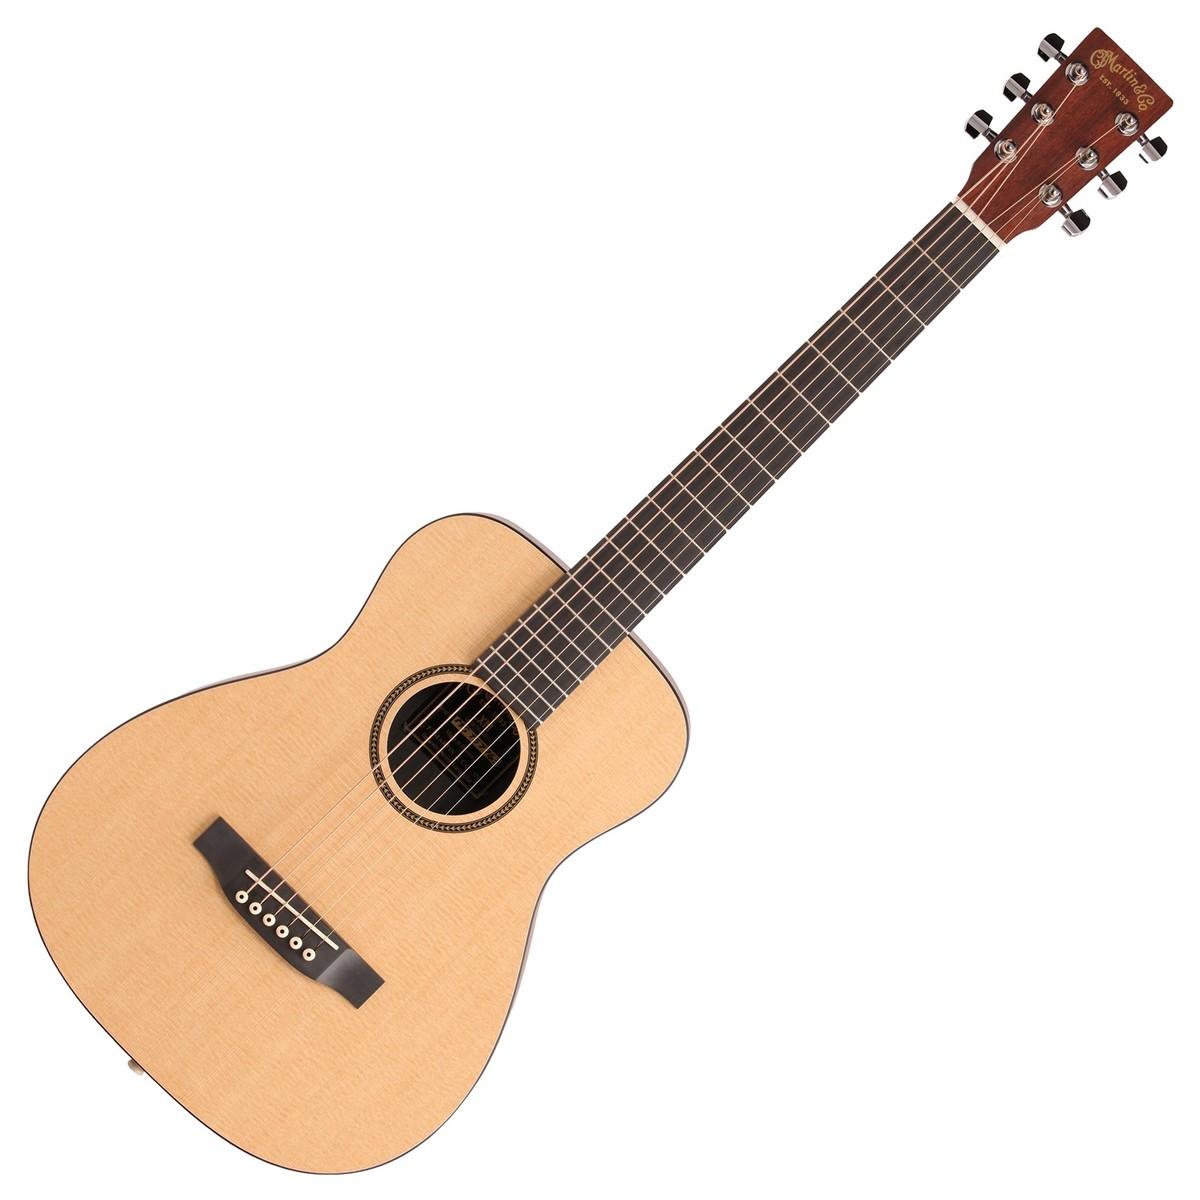 0a12a7b251 Martin LXM Little Martin Guitar inc. Gig Bag at Gear4music